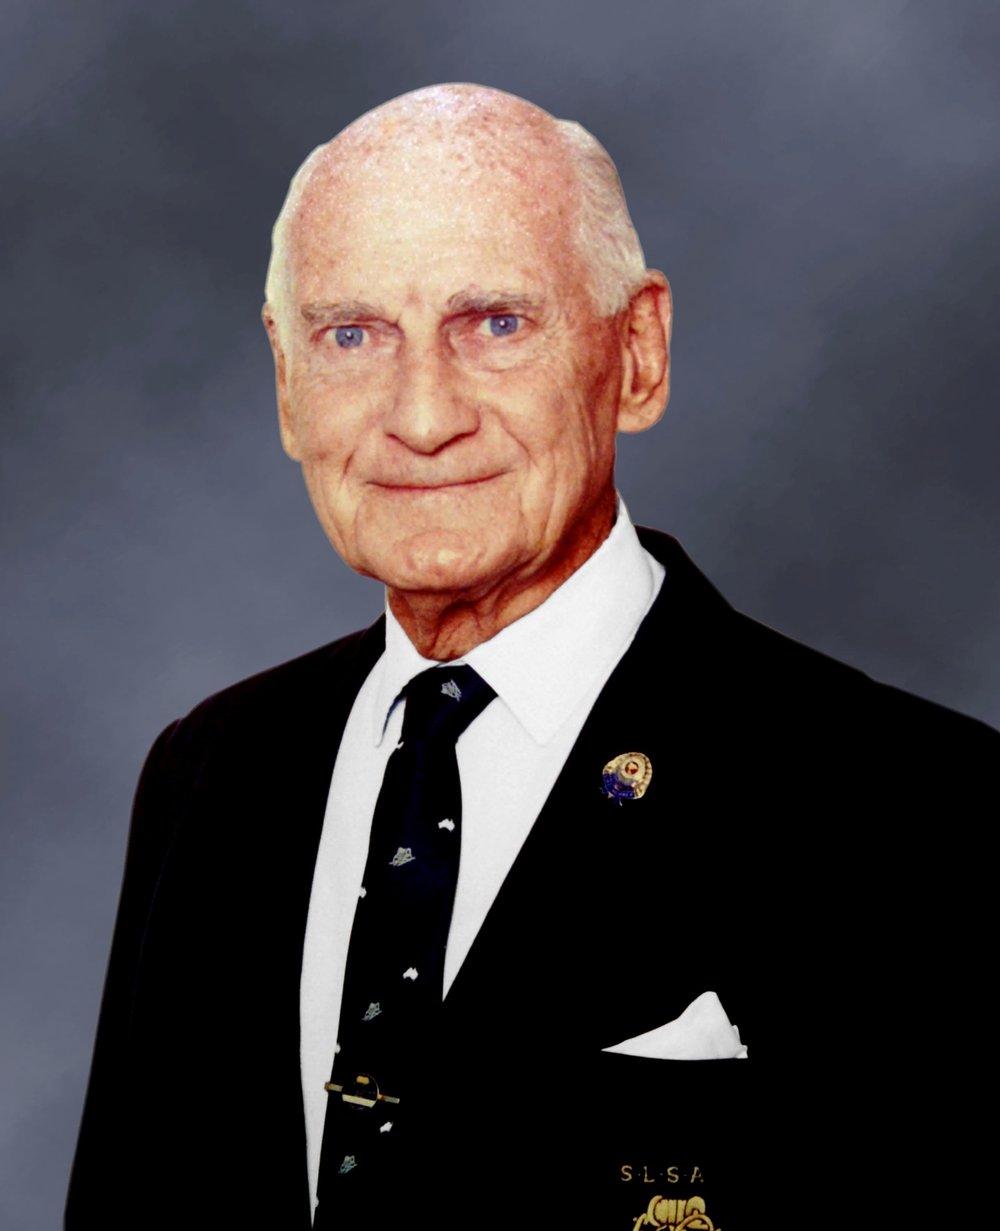 1948 - John Spender OBE OStJ*